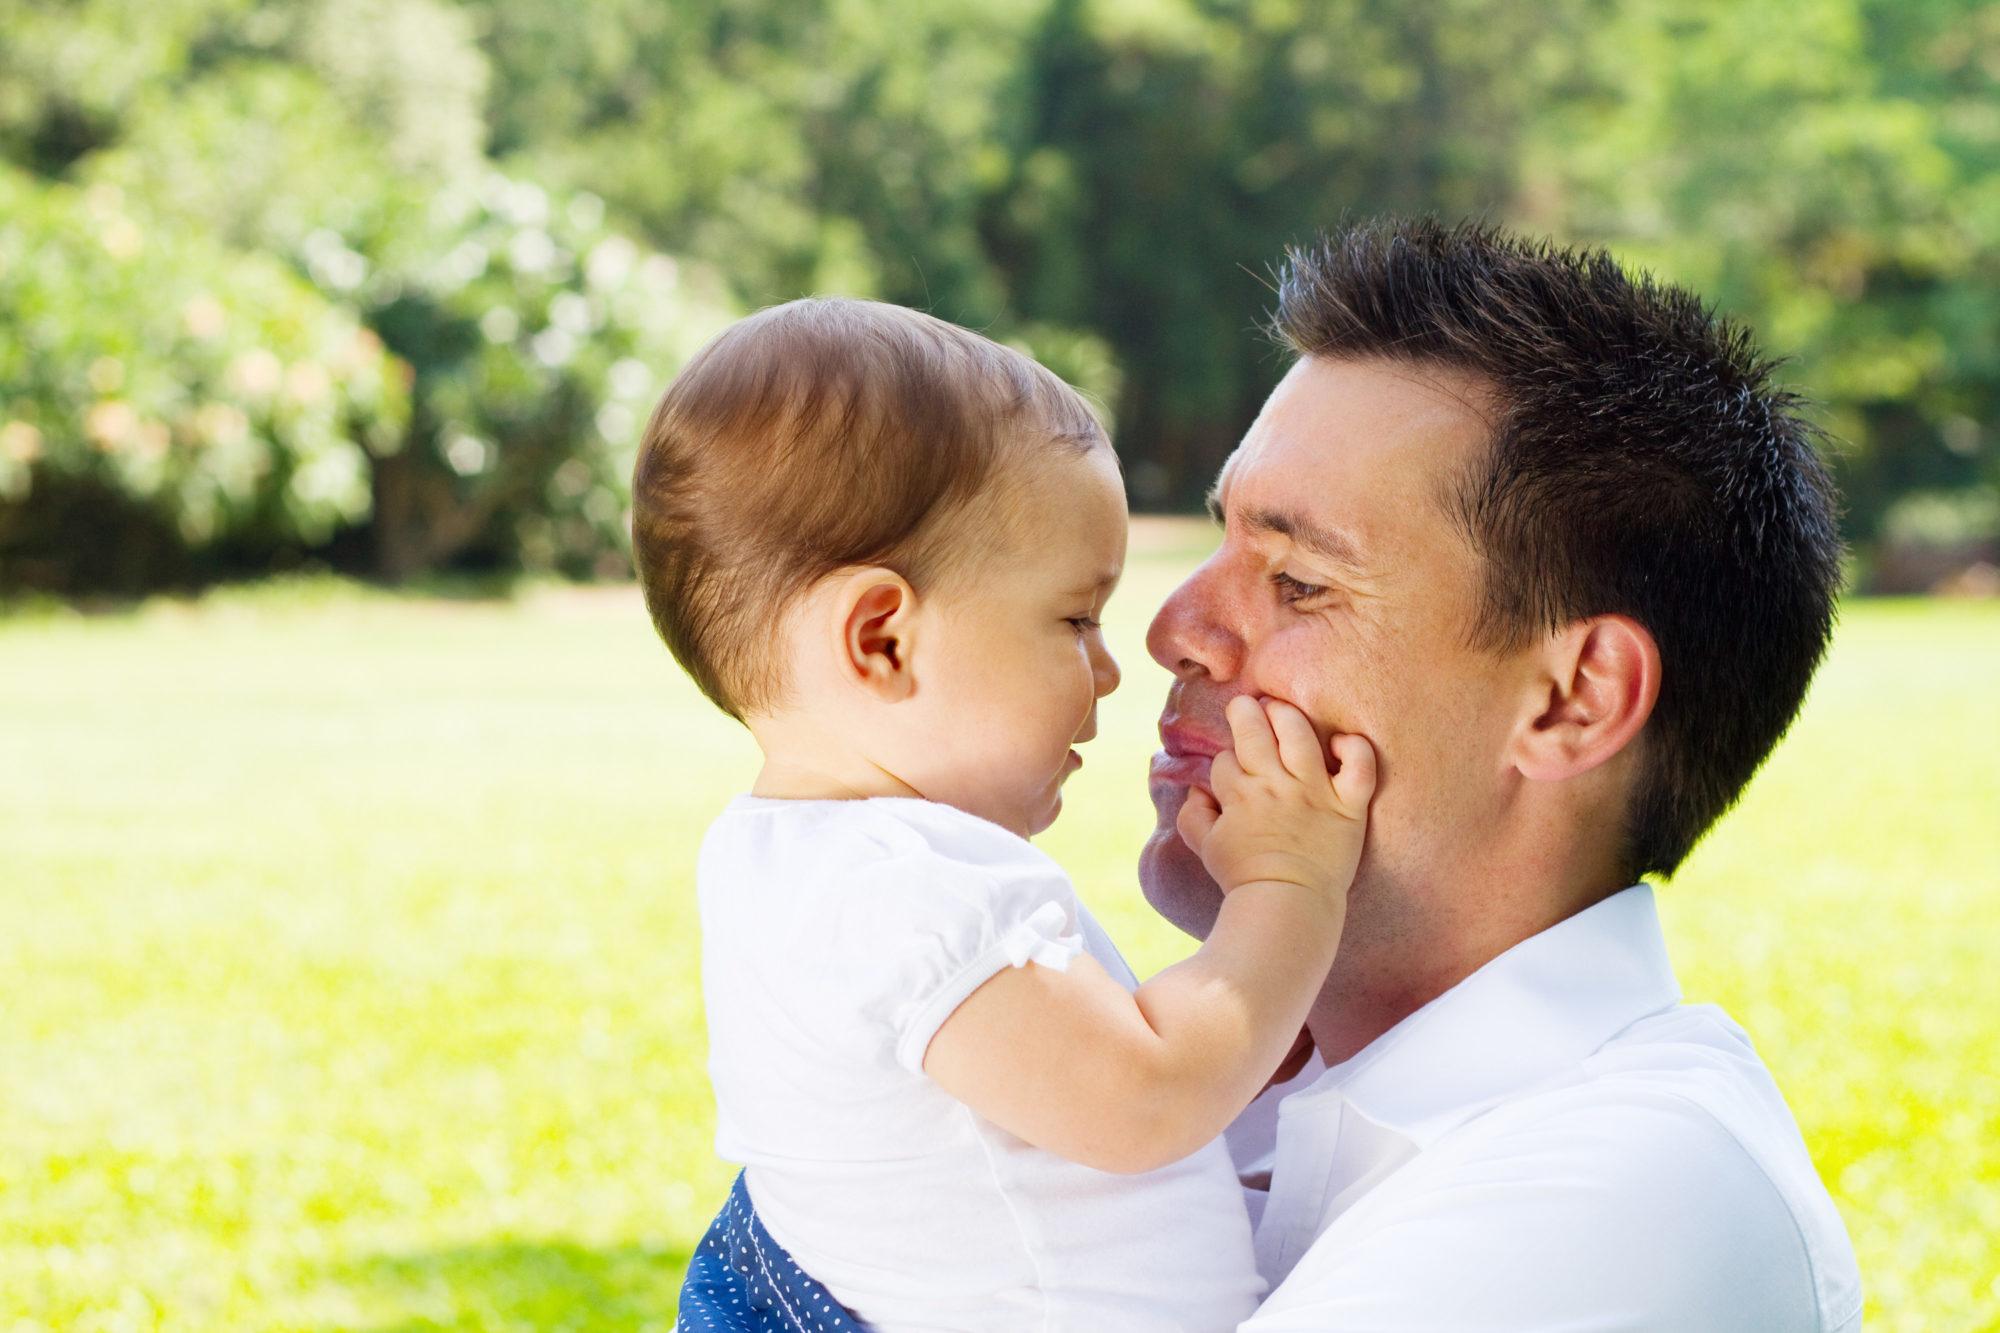 fertility acupuncture for men